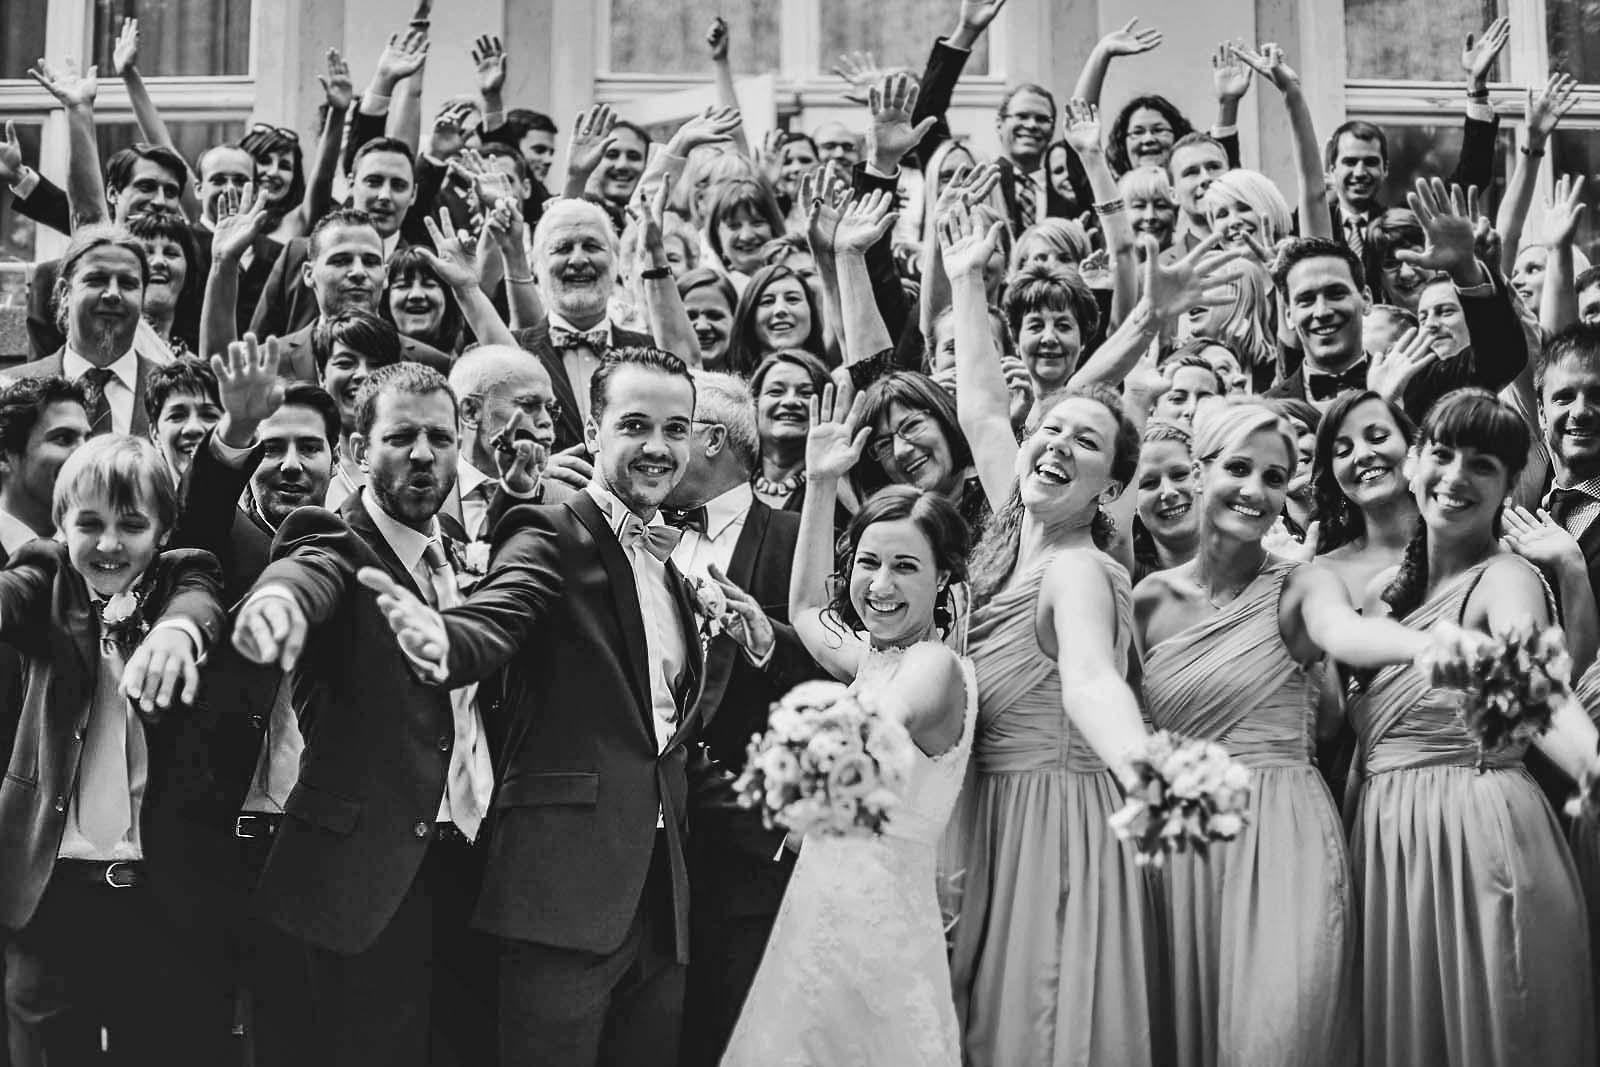 15-Gruppenfoto-vom-Hochzeitsfotograf-Berlin-zeigt-jubelndes-Brautpaar Hochzeitsfotograf © www.hochzeitsfotograf-berlin.net